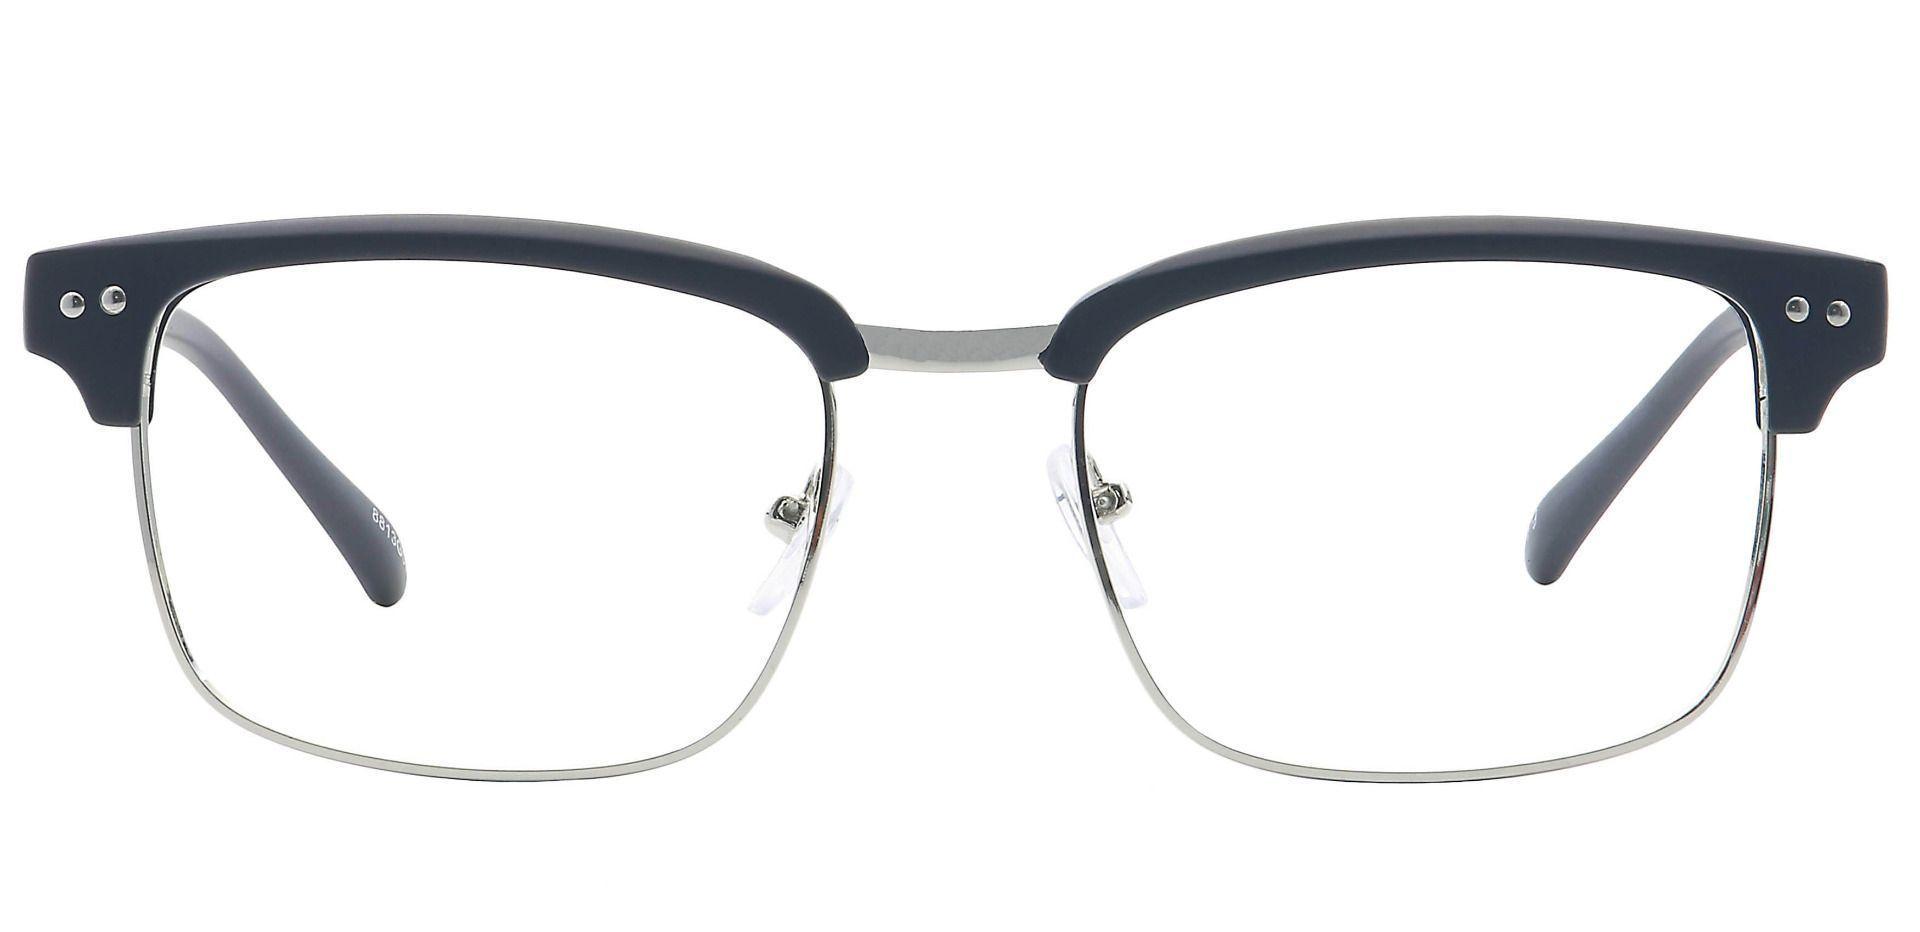 Prestige Browline Eyeglasses Frame - Gray